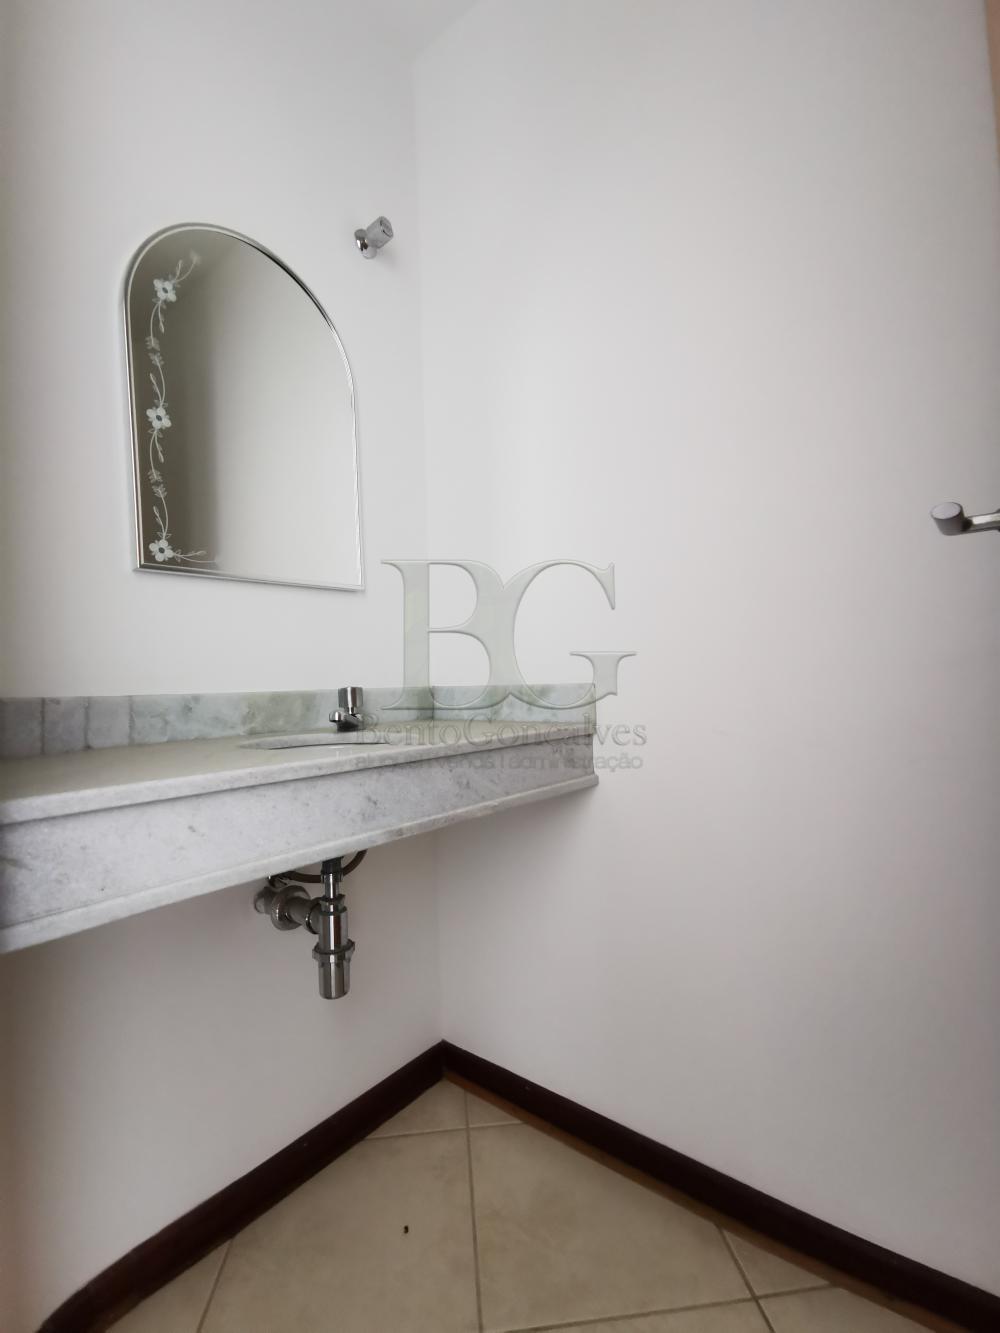 Alugar Apartamentos / Padrão em Poços de Caldas R$ 1.100,00 - Foto 8